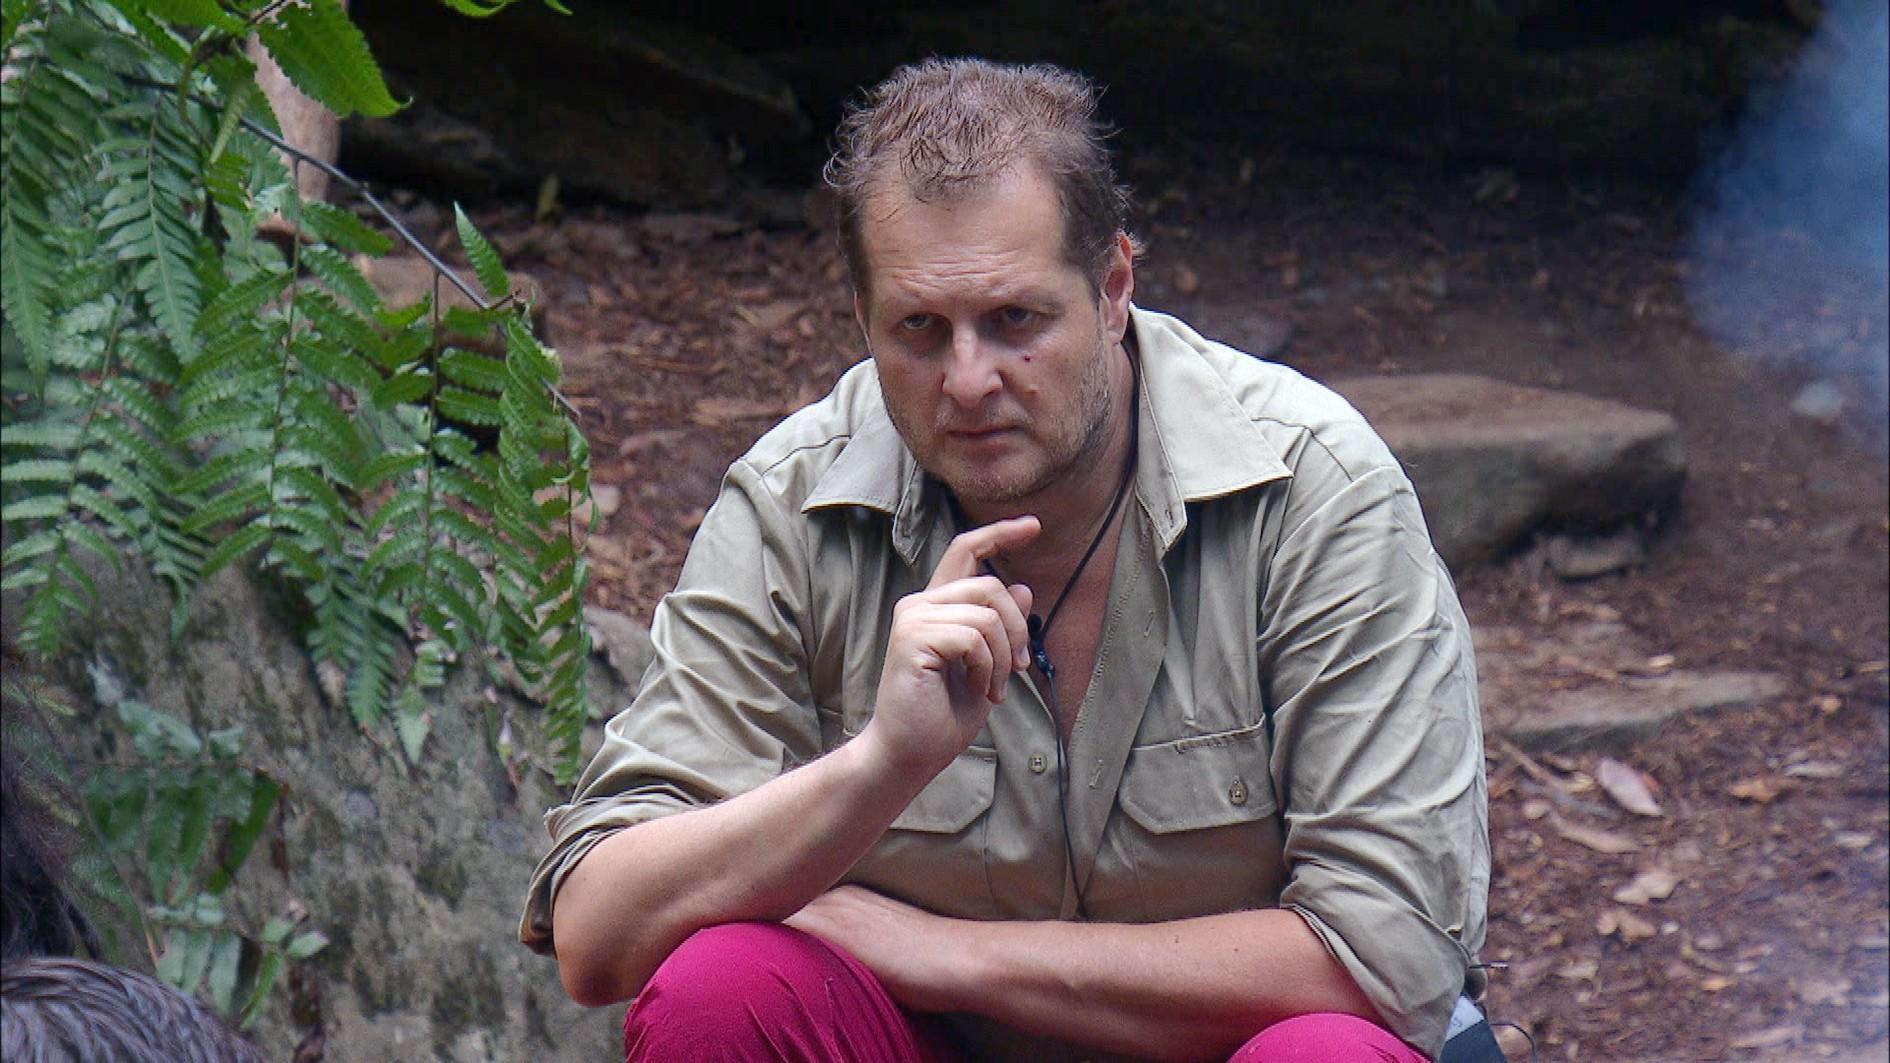 Dschungelcamp 2017 Tag 10 - Jens Büchner